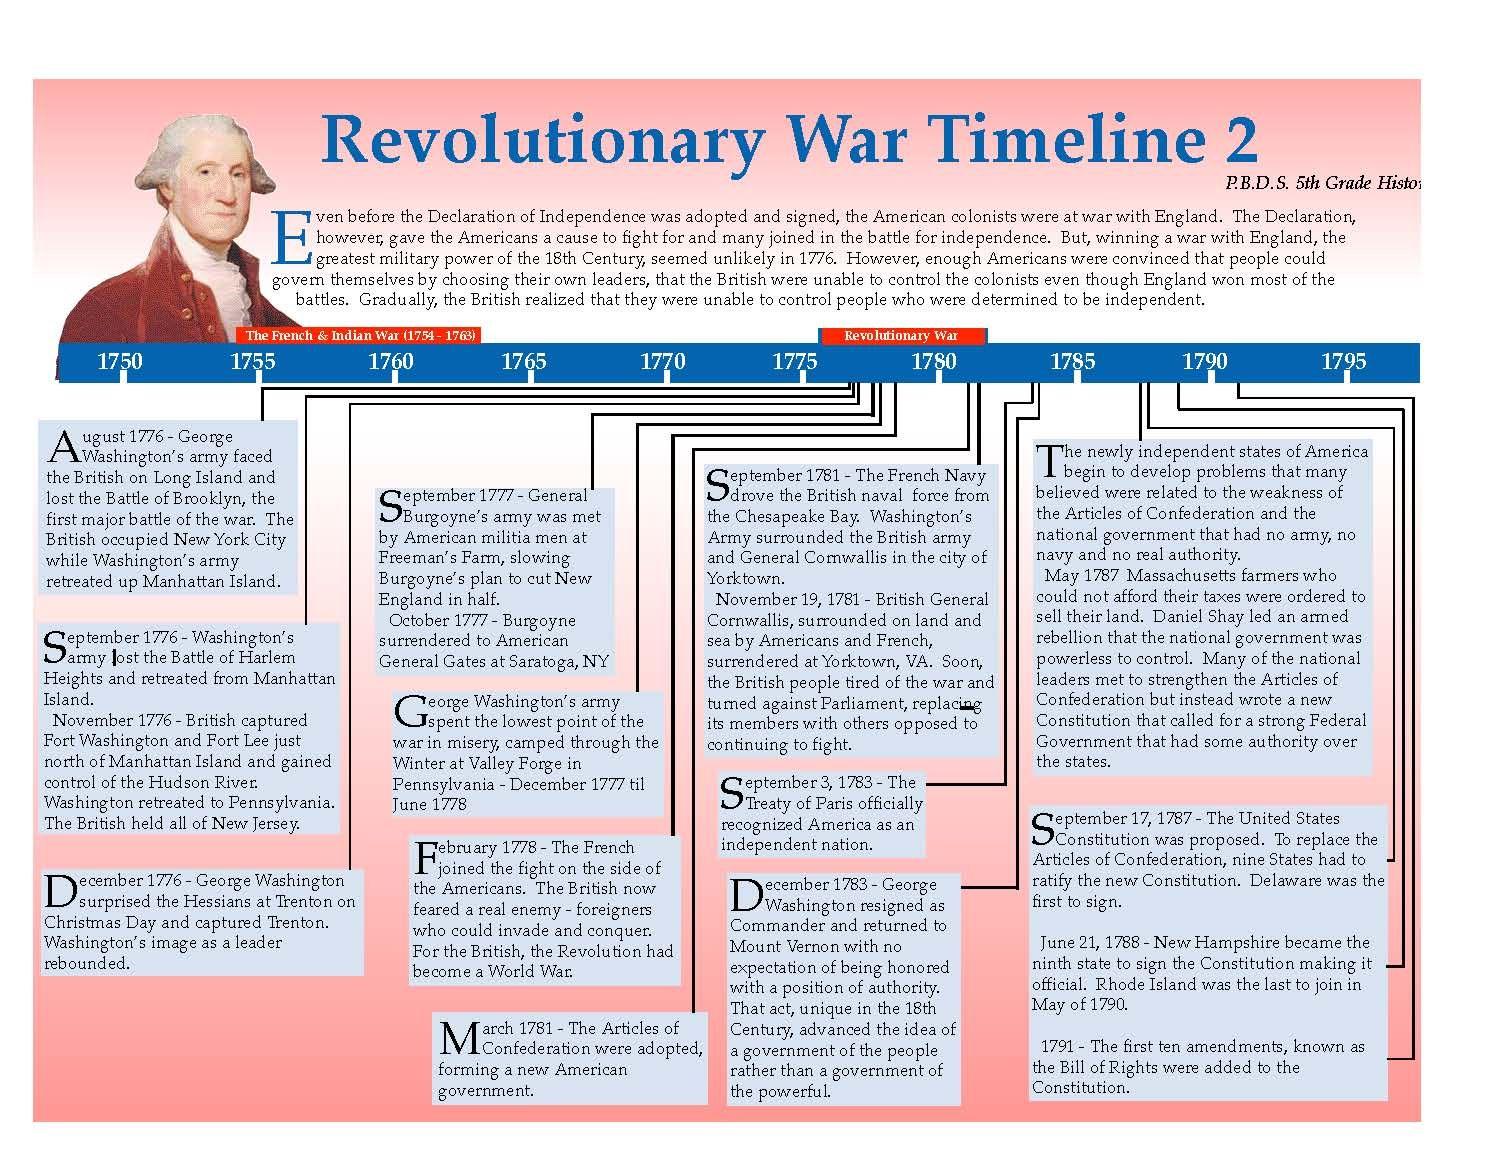 Revolutionary War Timeline Page 2